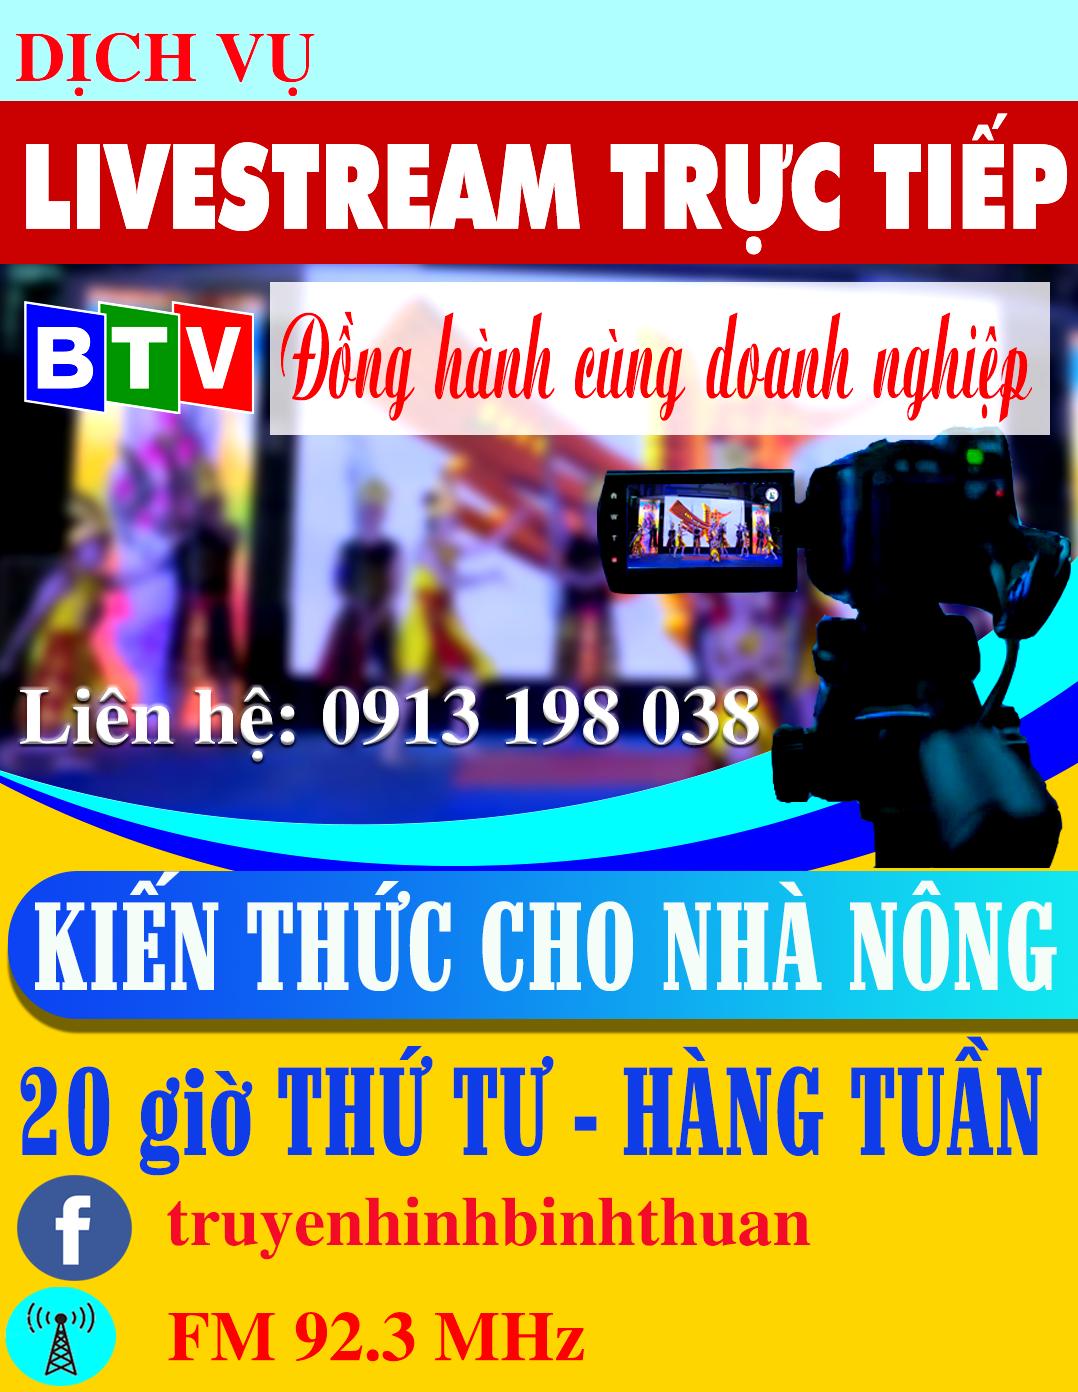 Quảng cáo chương trình